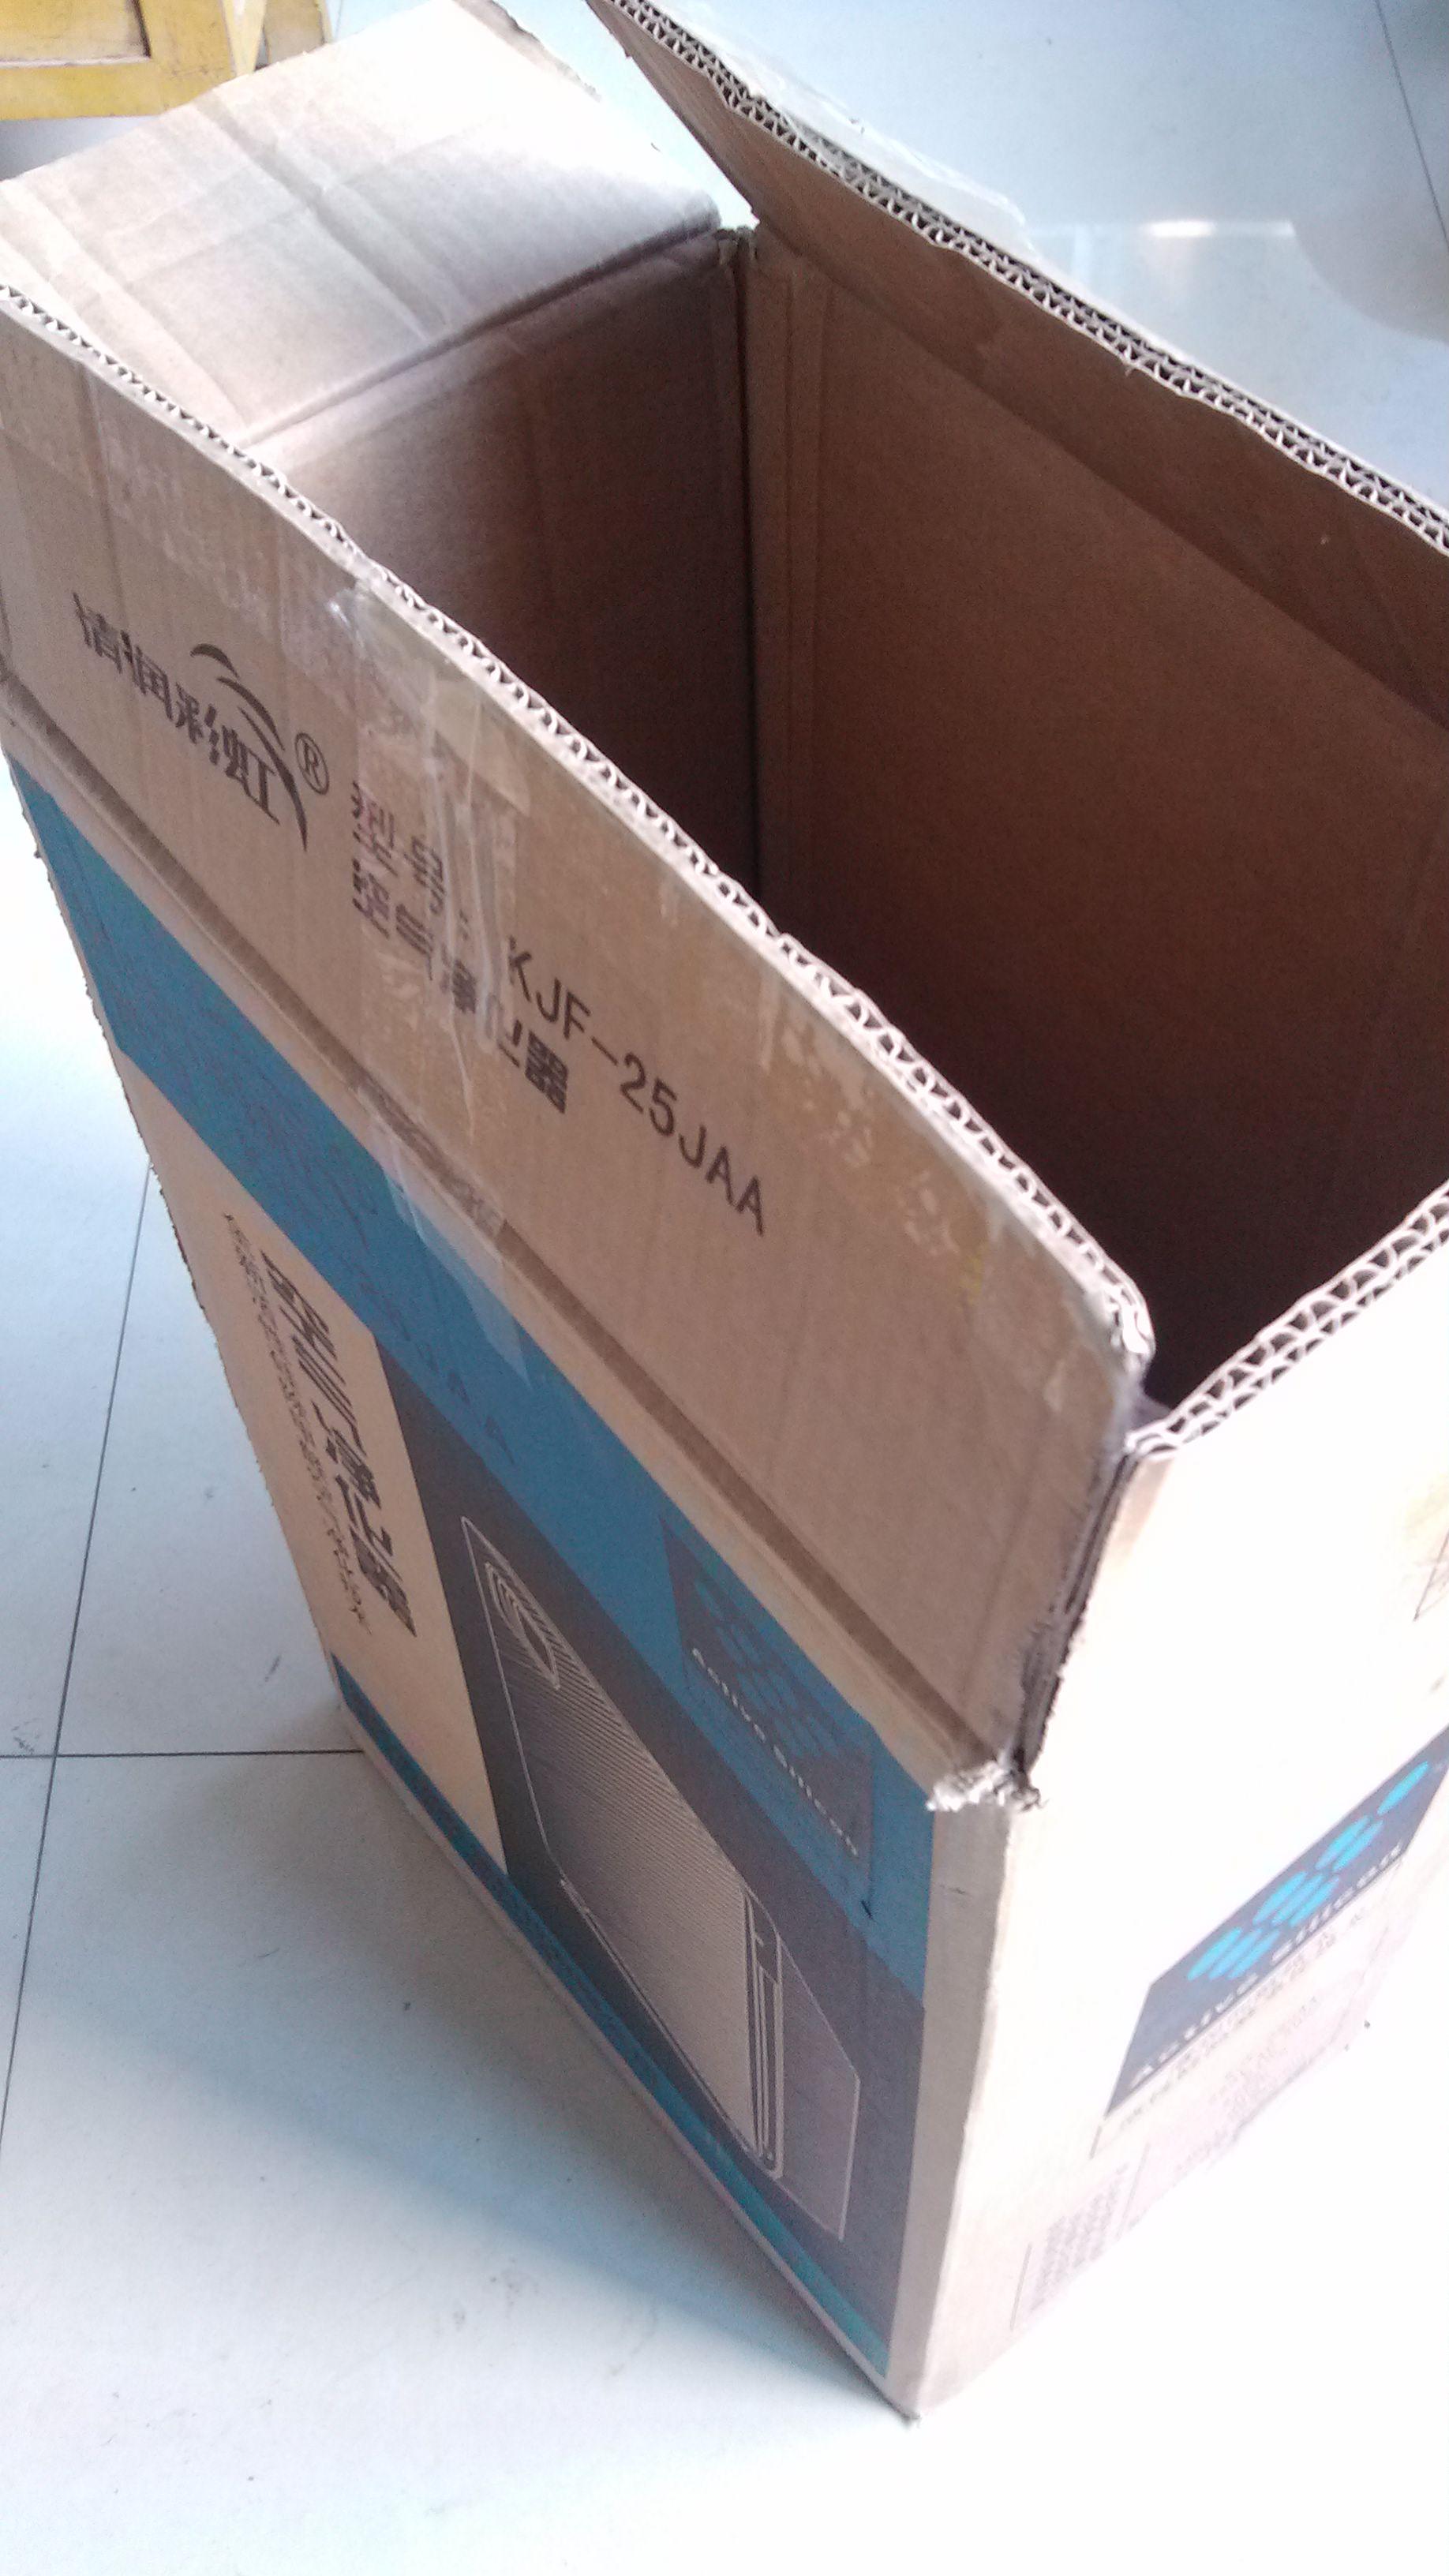 其他相关(8)-产品包装设计选择(瓦楞纸包装材料选择)